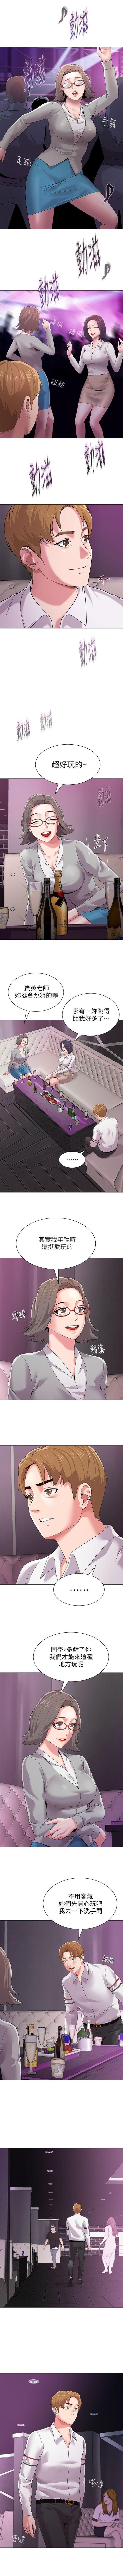 (周3)老师 1-56 中文翻译(更新中) 114